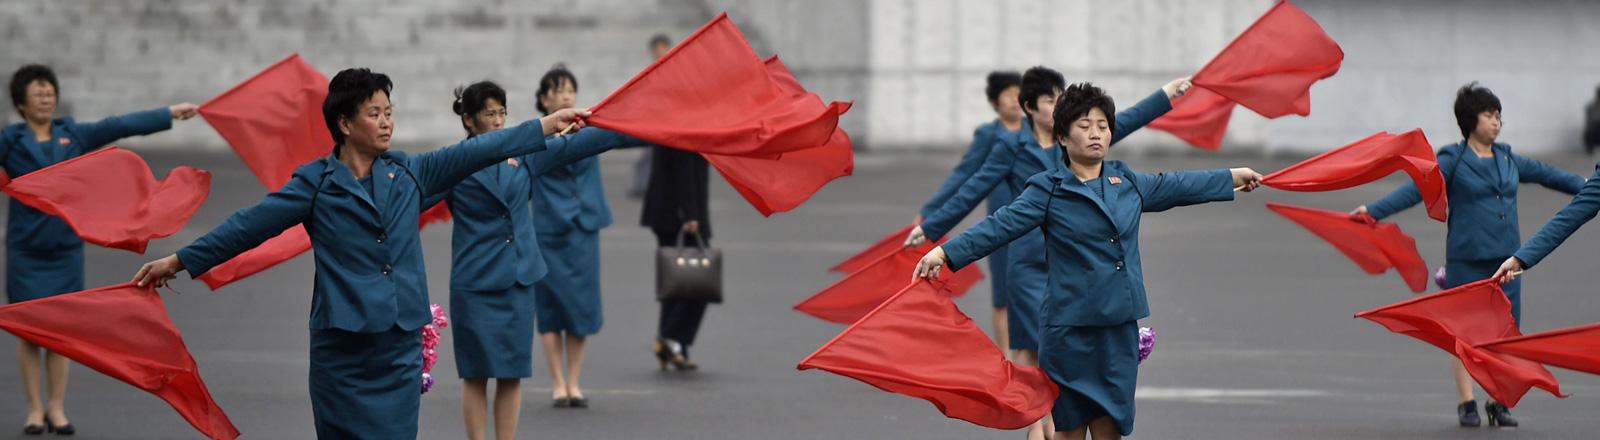 Auf einem Platz stehen Frauen in blauen Röcken und Bläzern. Sie halten in jeder Hand eine rote Fahne mit der sie winken. Pjöngjang am 6. Mai 2016; Foto: dpa